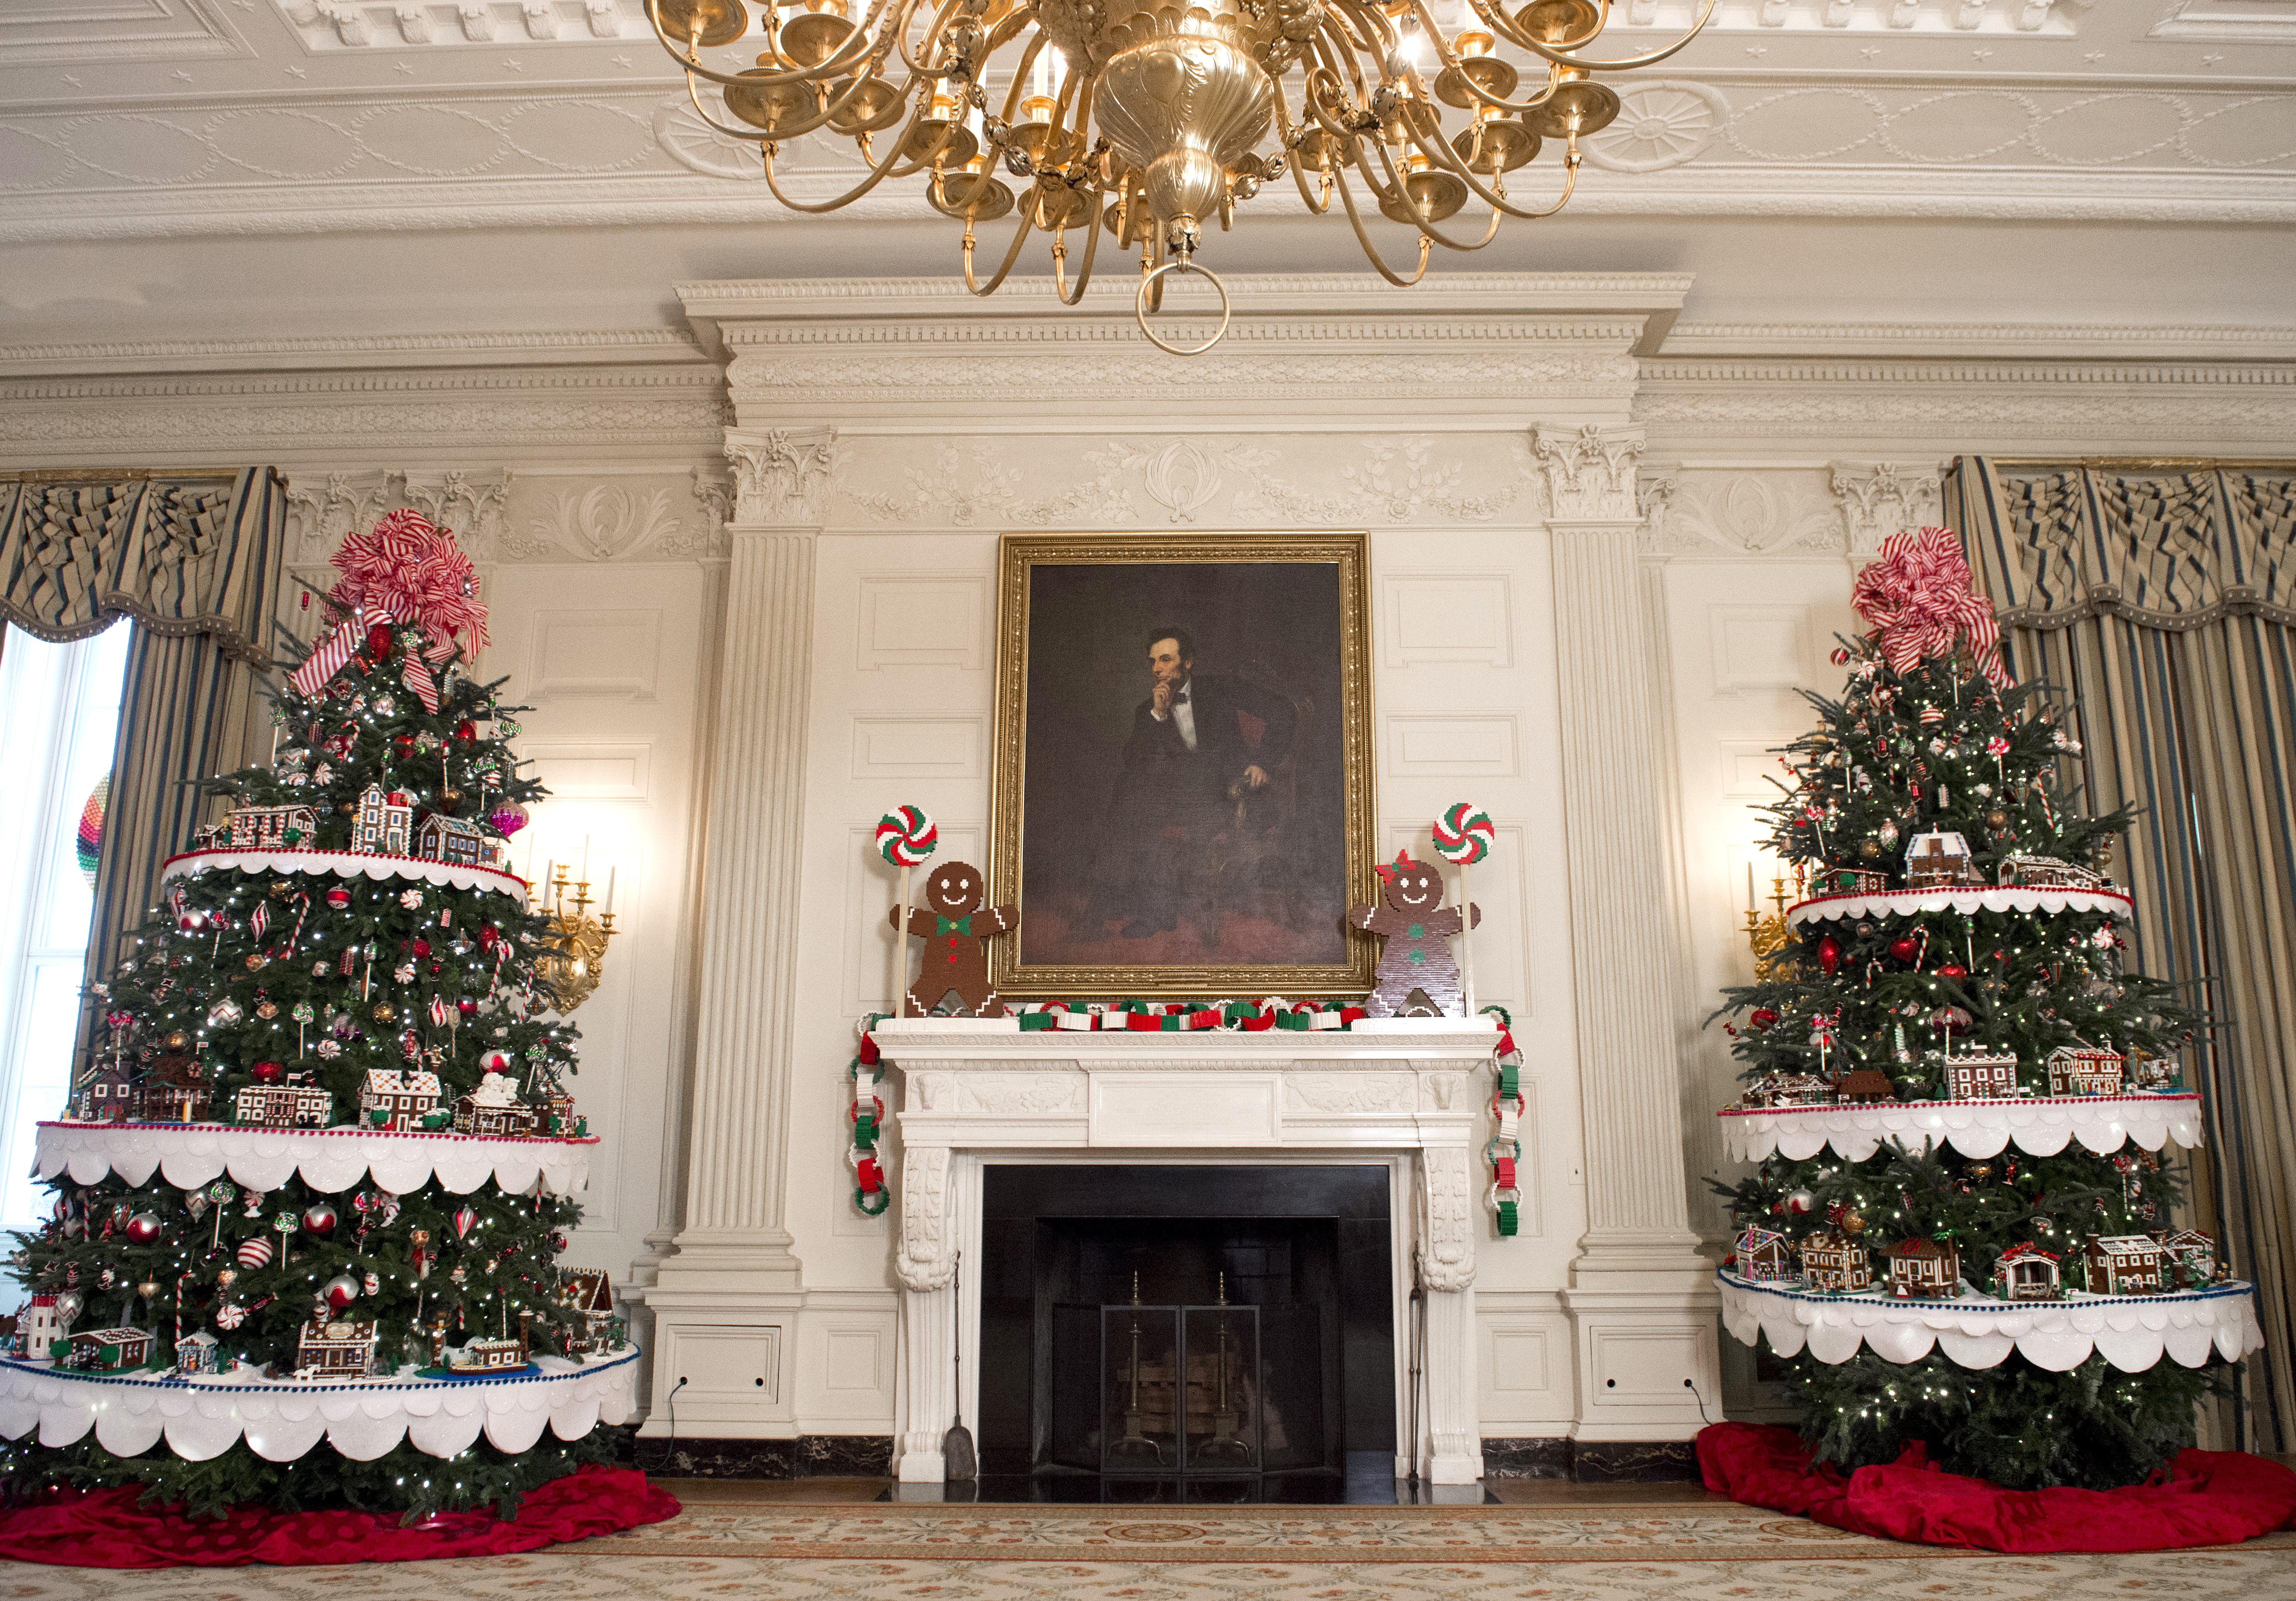 Decoraciones navideñas en el comedor de Estado de la Casa Blanca